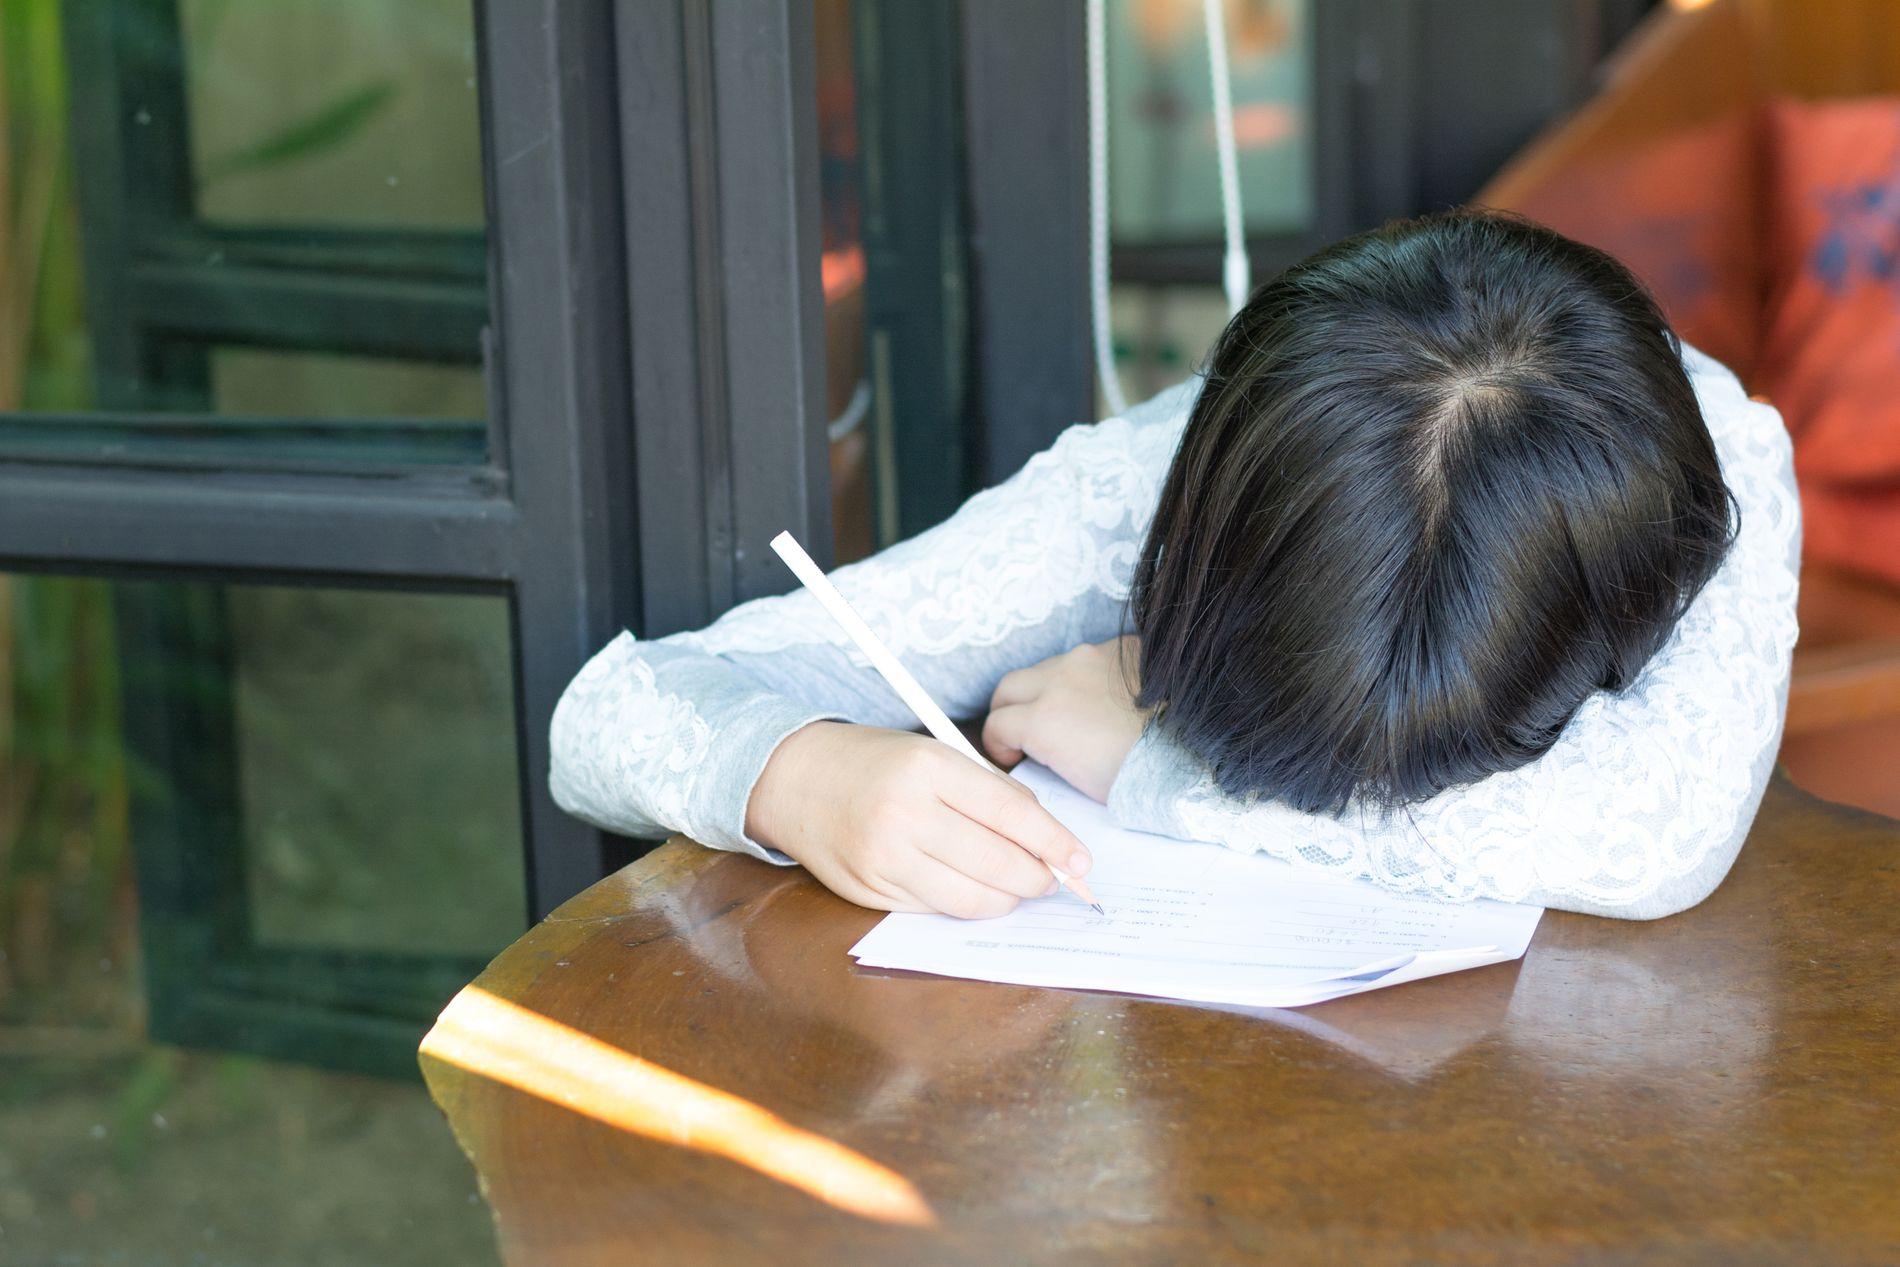 FEIL BÅS: Dyslektikere er ikke dumme, selv om noen plasserer dem i feil bås og tar fra dem den gode starthjelpen de tidligere fikk på skolen, skriver innsender.